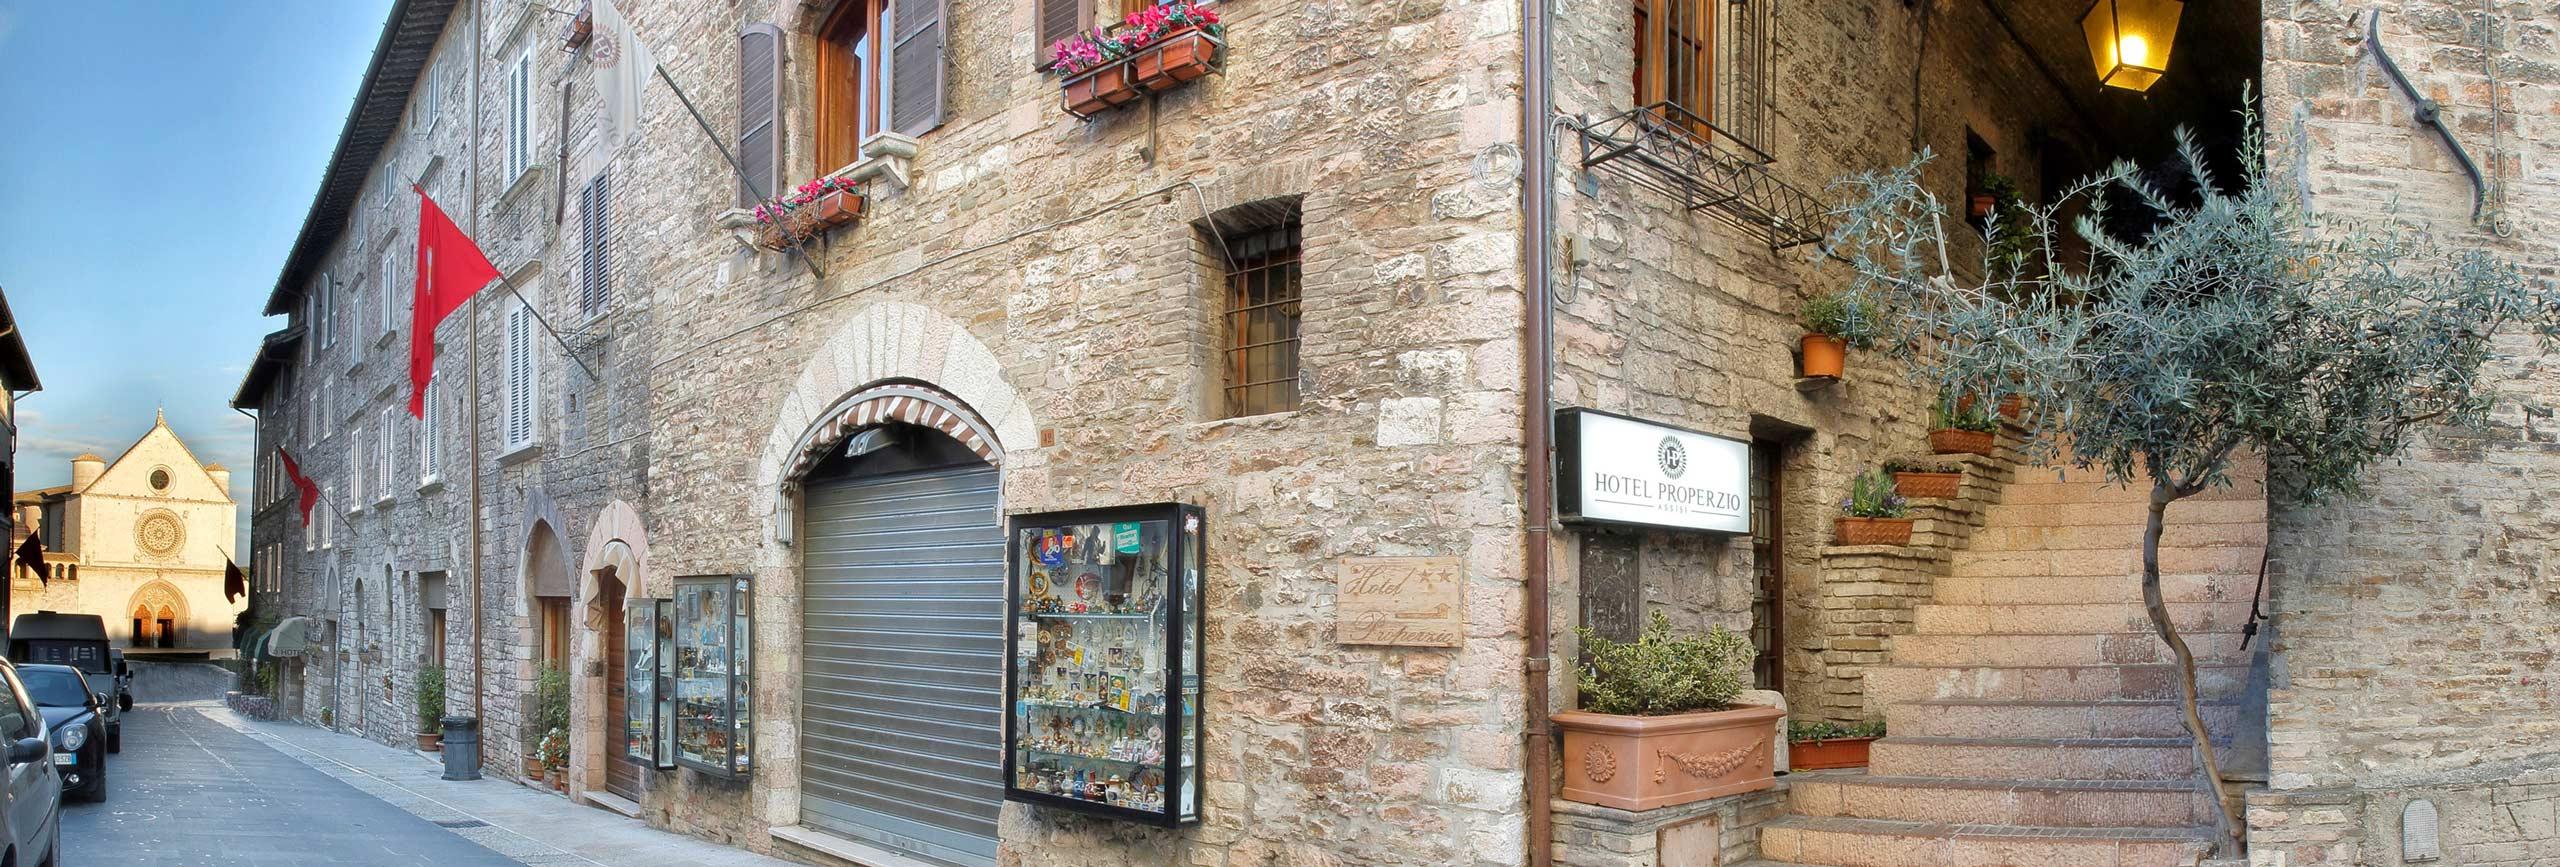 Slide-Ingresso-Hotel-Properzio-Assisi